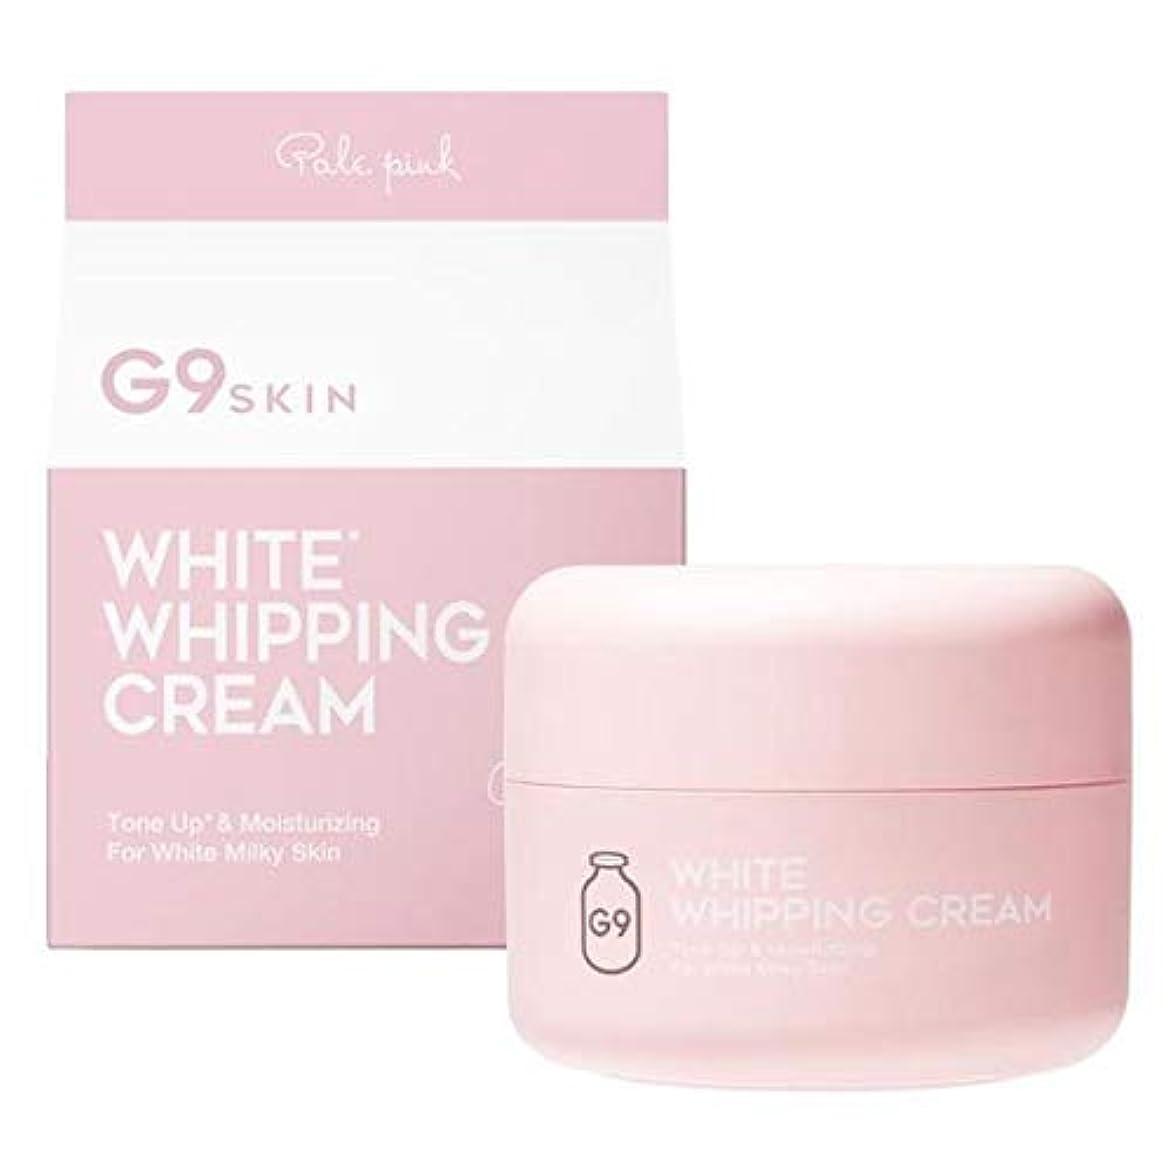 インク効能ある必要としているホワイトホイッピングクリーム ピンク 50g